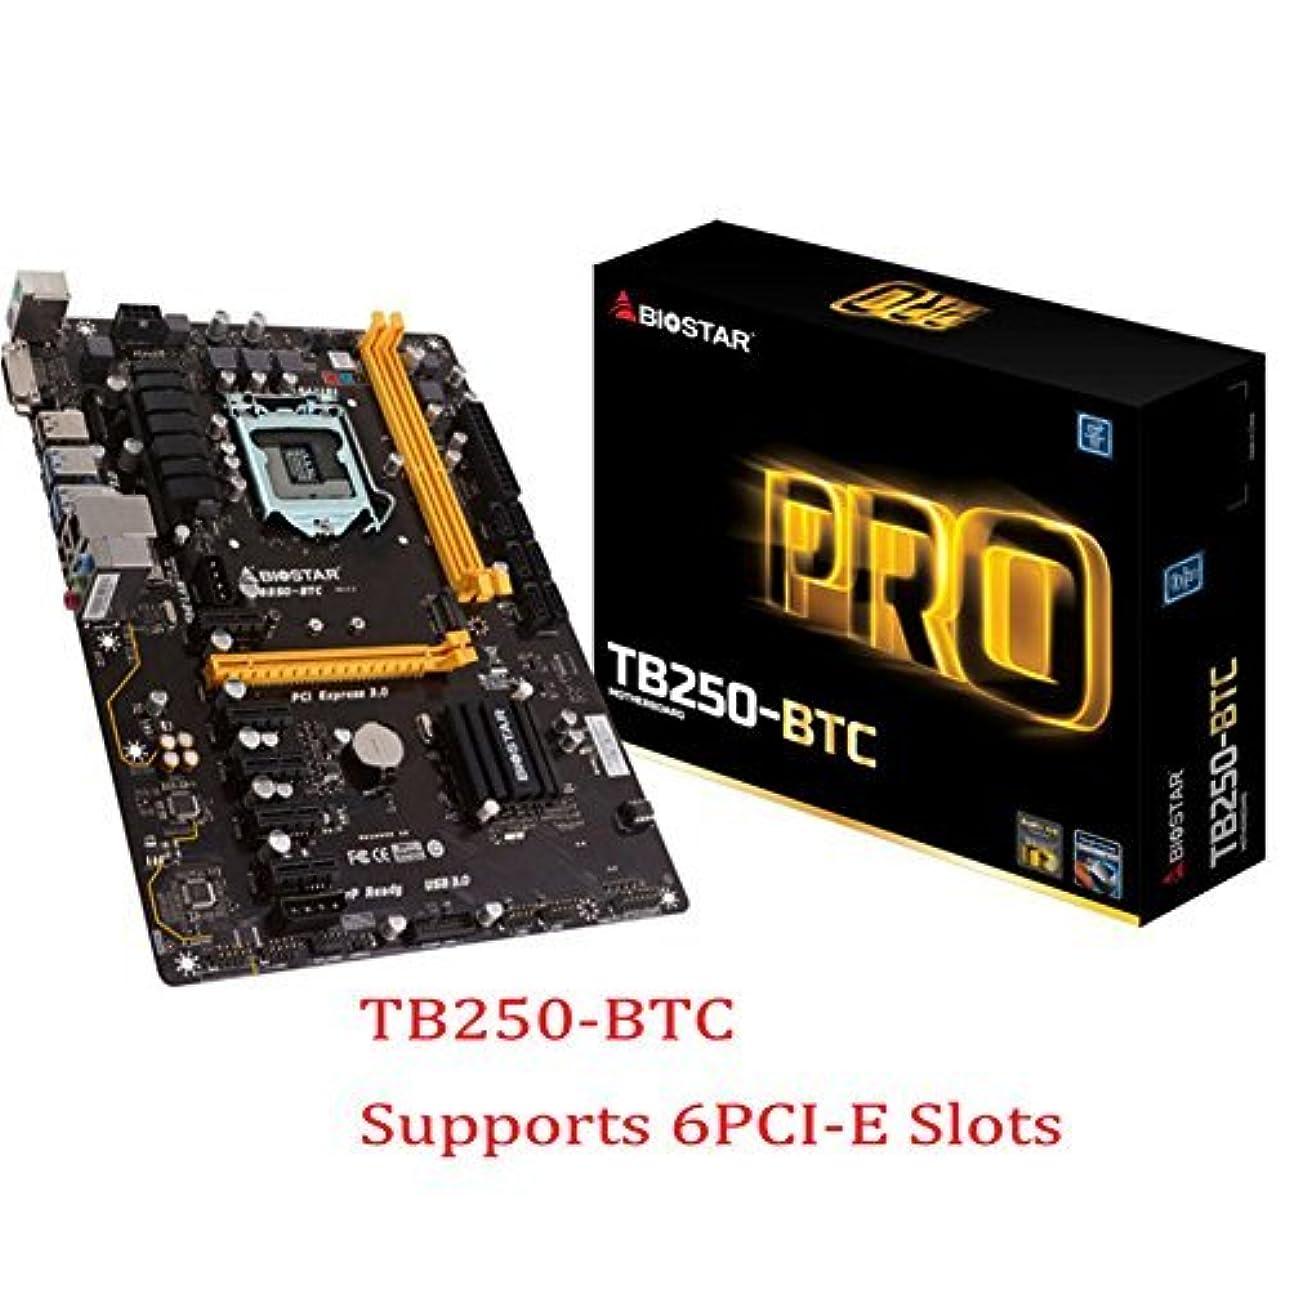 八百屋クレタブロックするBIOSTAR TB250-BTC Motherboards 6 PCIE B250 LGA 1151 DDR4 ATX Mining Motherboard (alternative H81 BTC PRO TB85 H81) (6-PCIE) [並行輸入品]